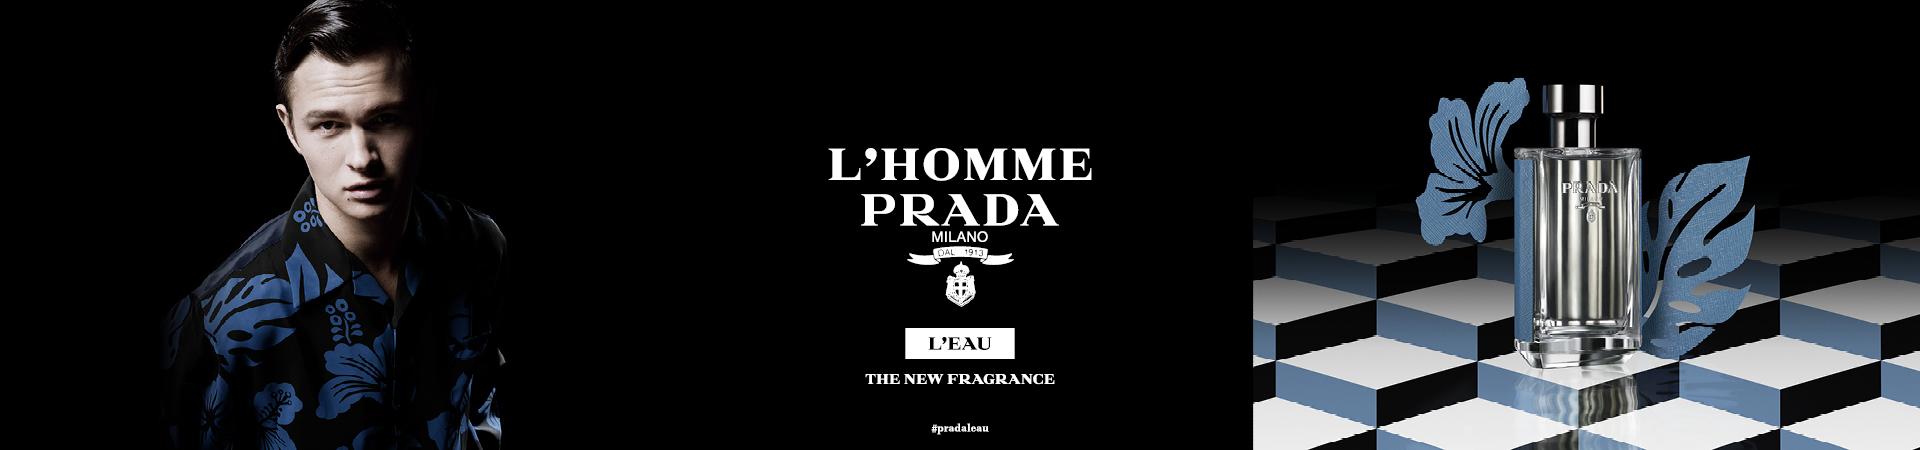 Prada L'Homme online bestellen | Parfumerie.nl